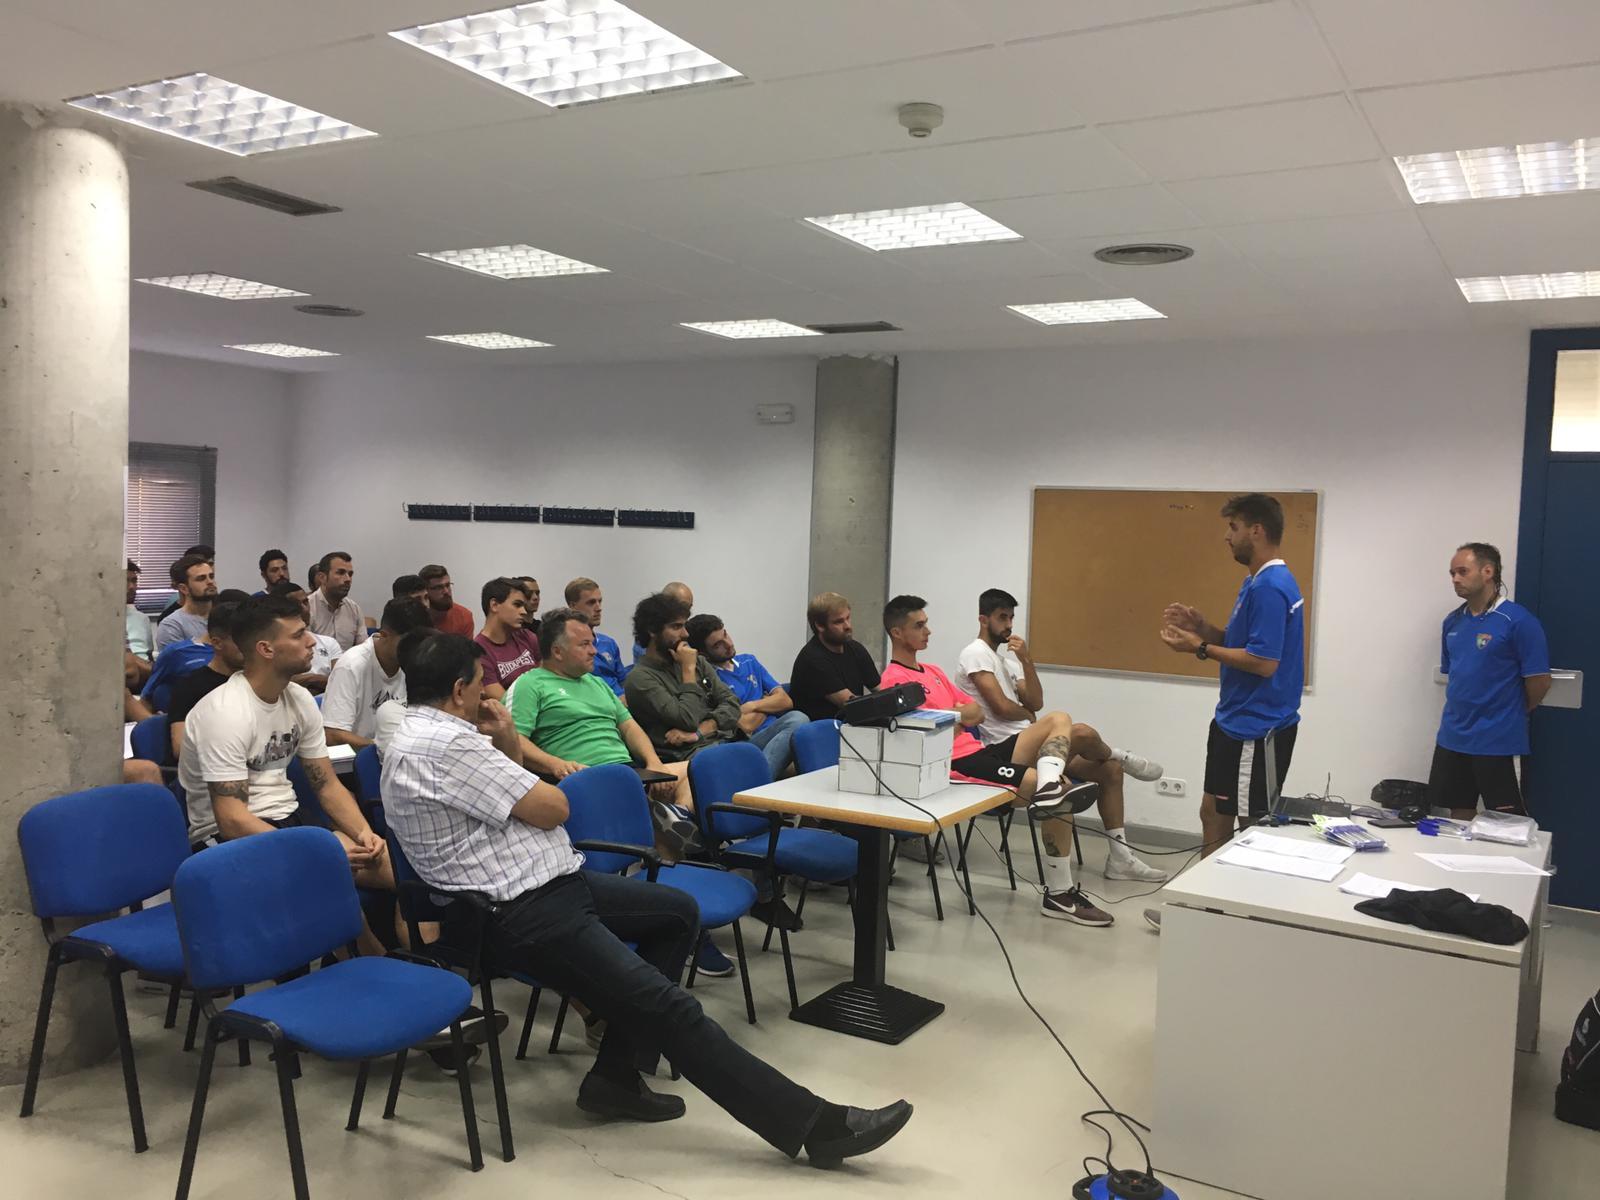 Reunión de entrenadores de la temporada 2019/20